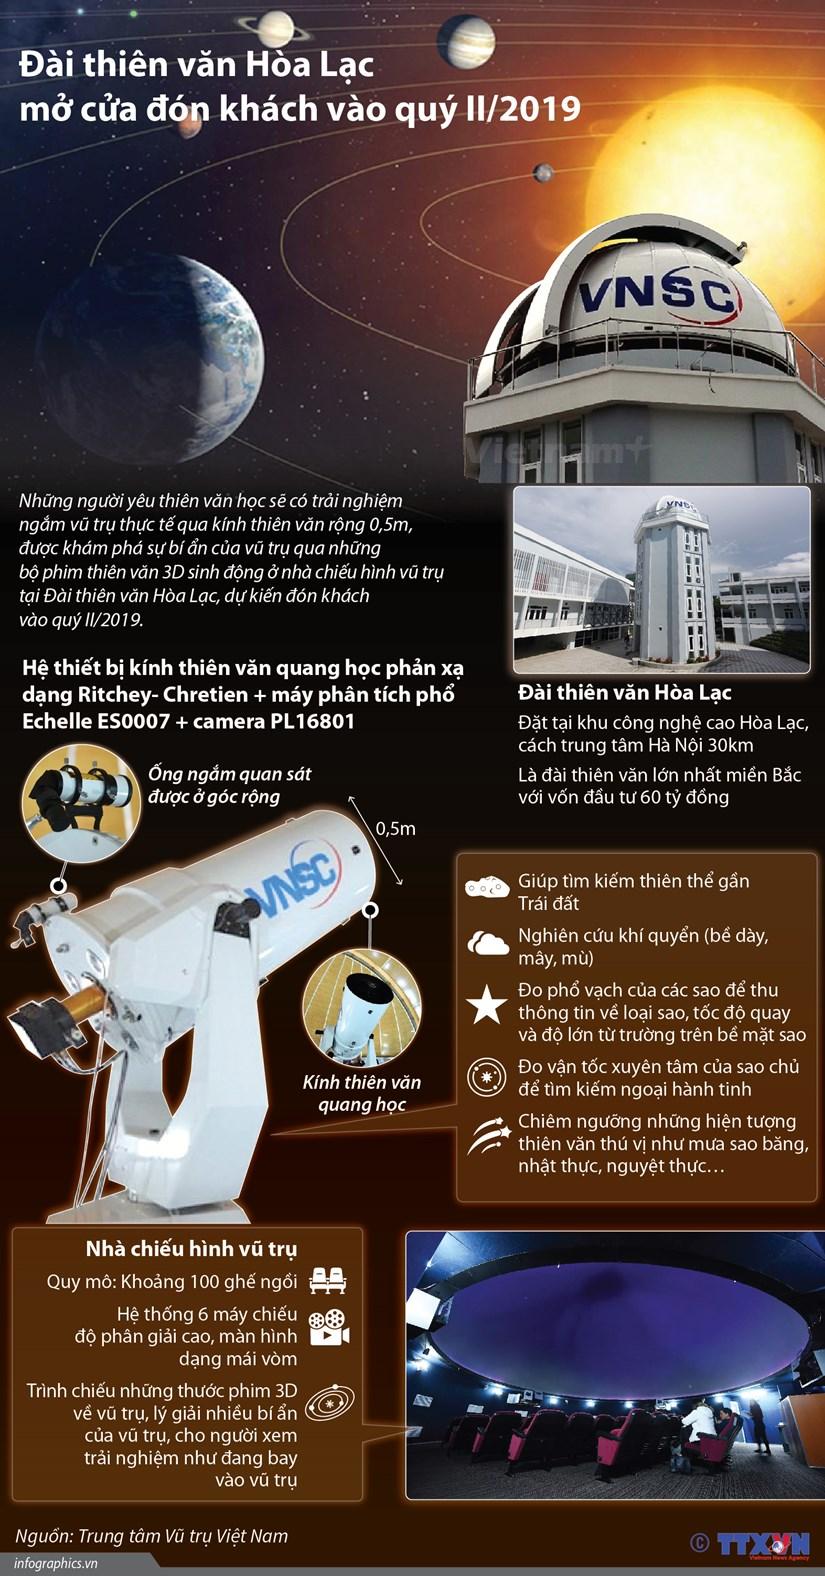 [Infographics] Dai thien van Hoa Lac mo cua don khach vao quy 2 hinh anh 1